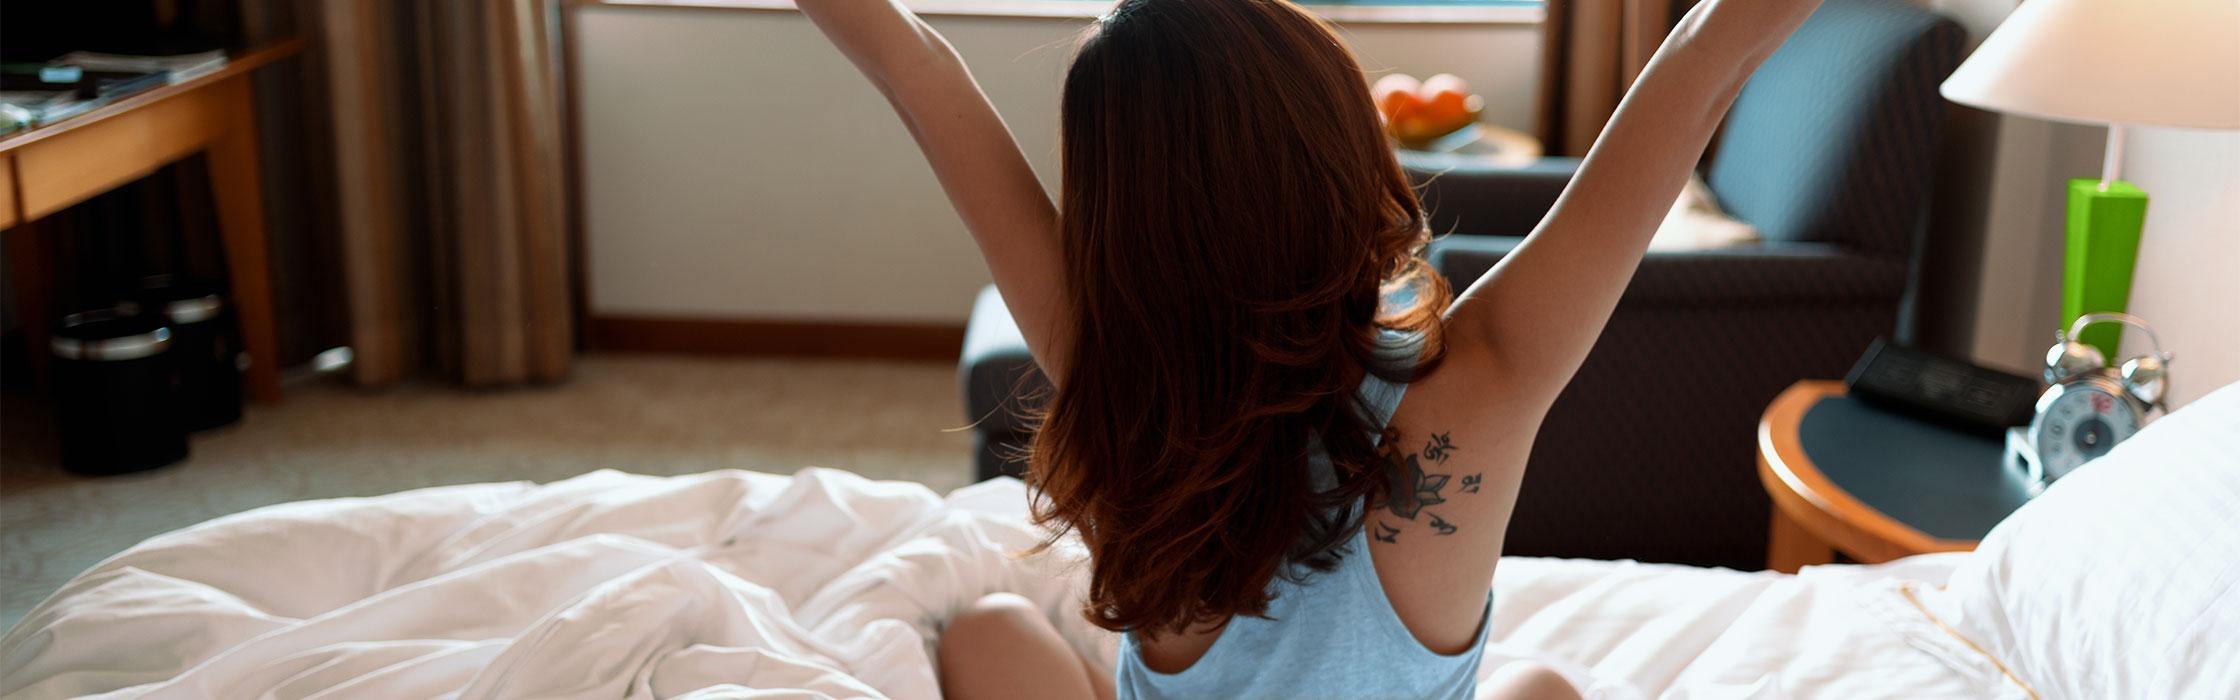 Jeune femme s'étirant au lever